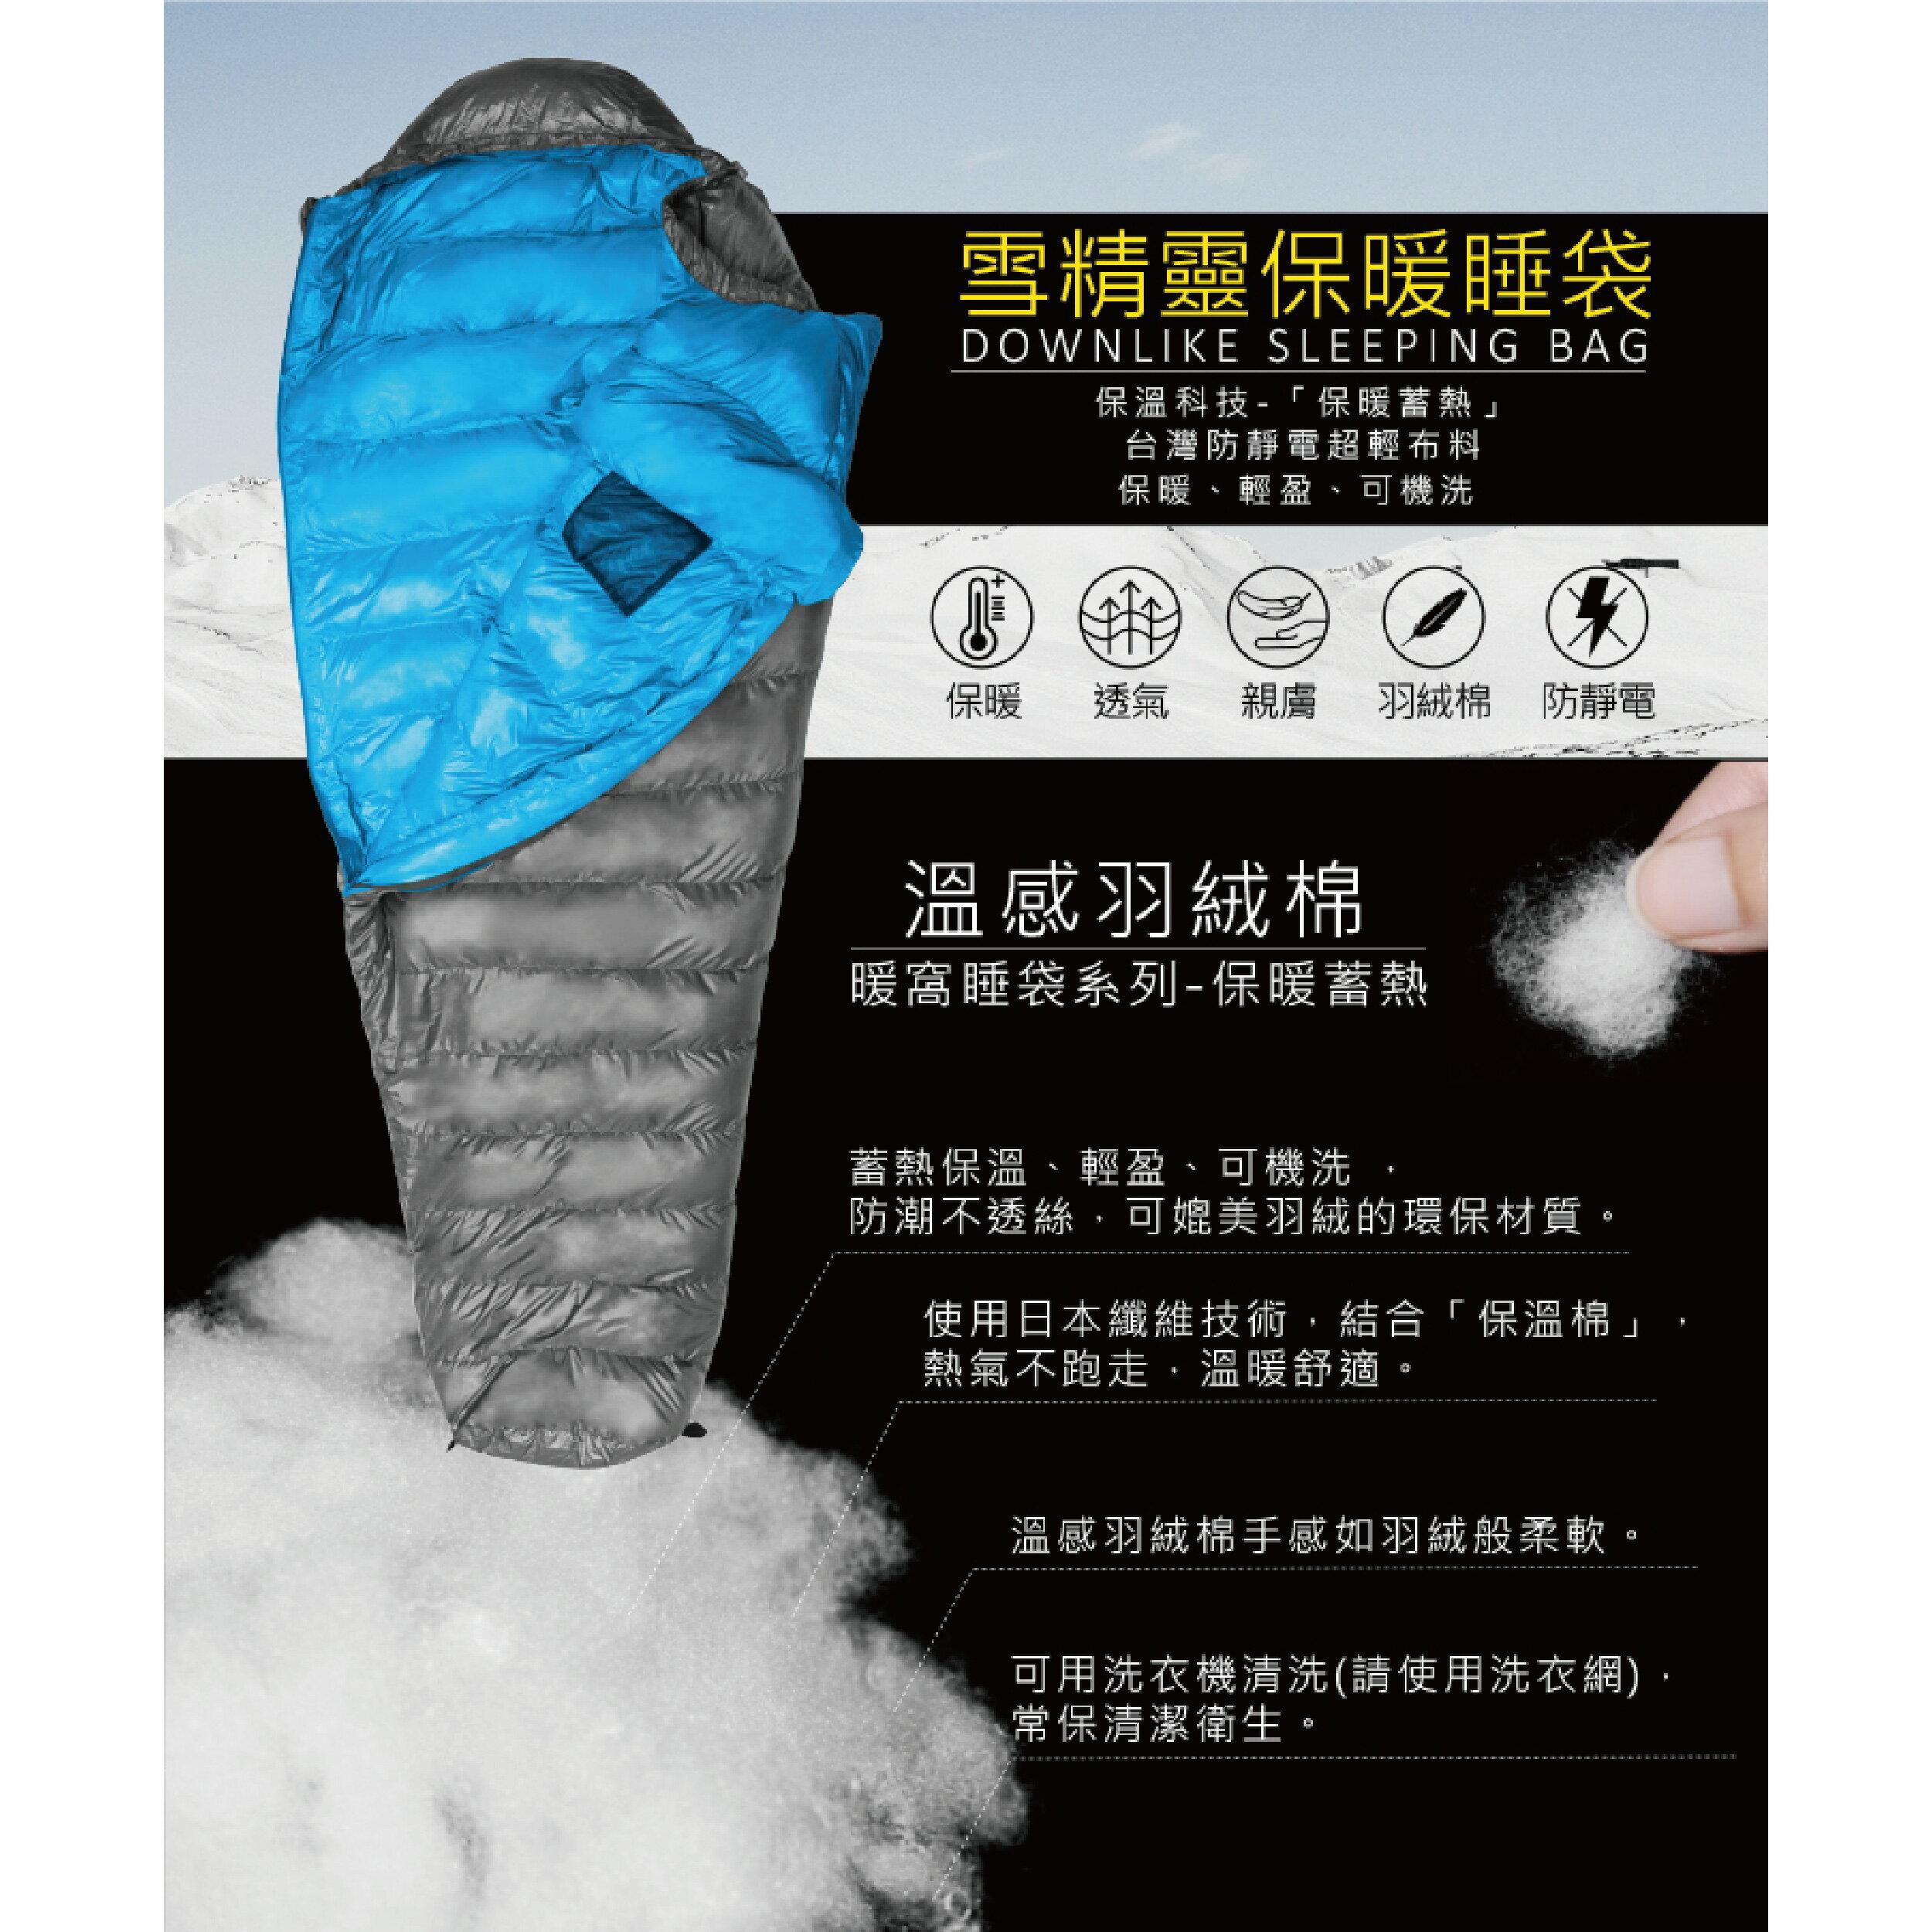 Outdoorbase 雪精靈 DownLike 保暖 睡袋 24769